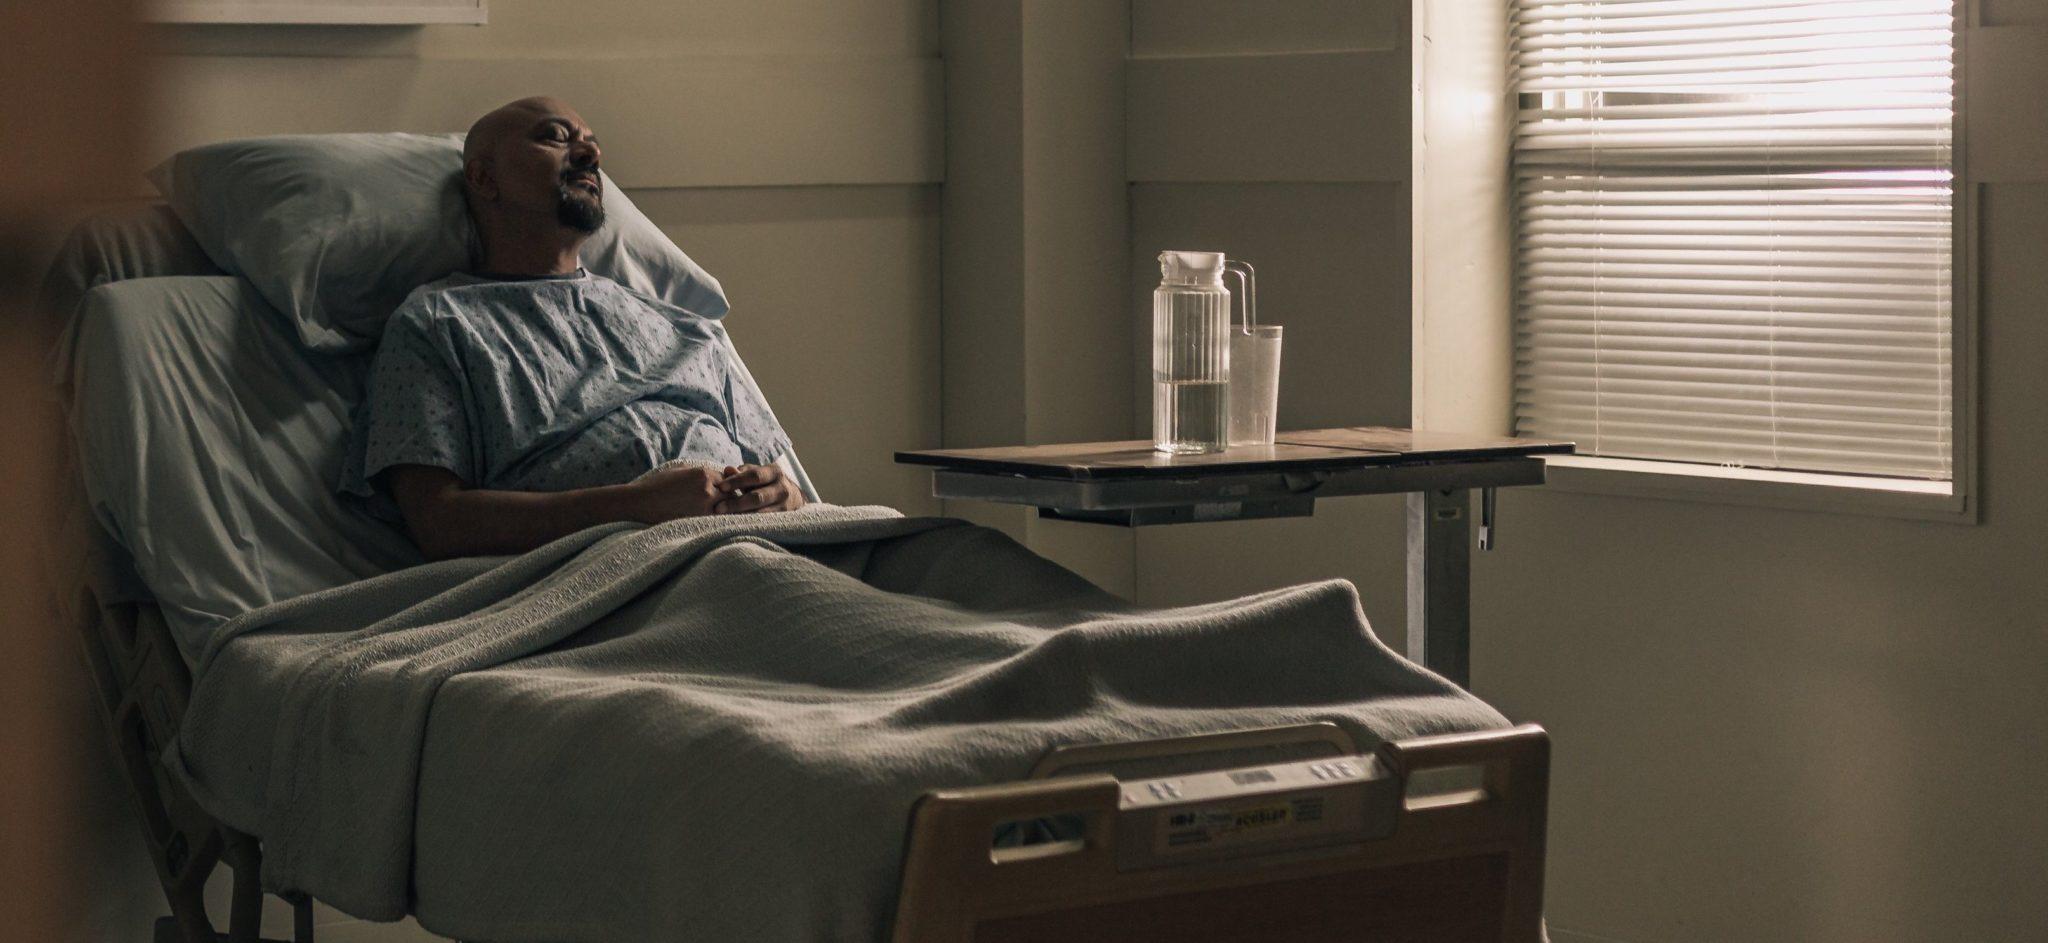 escarre au pied - patient hopital